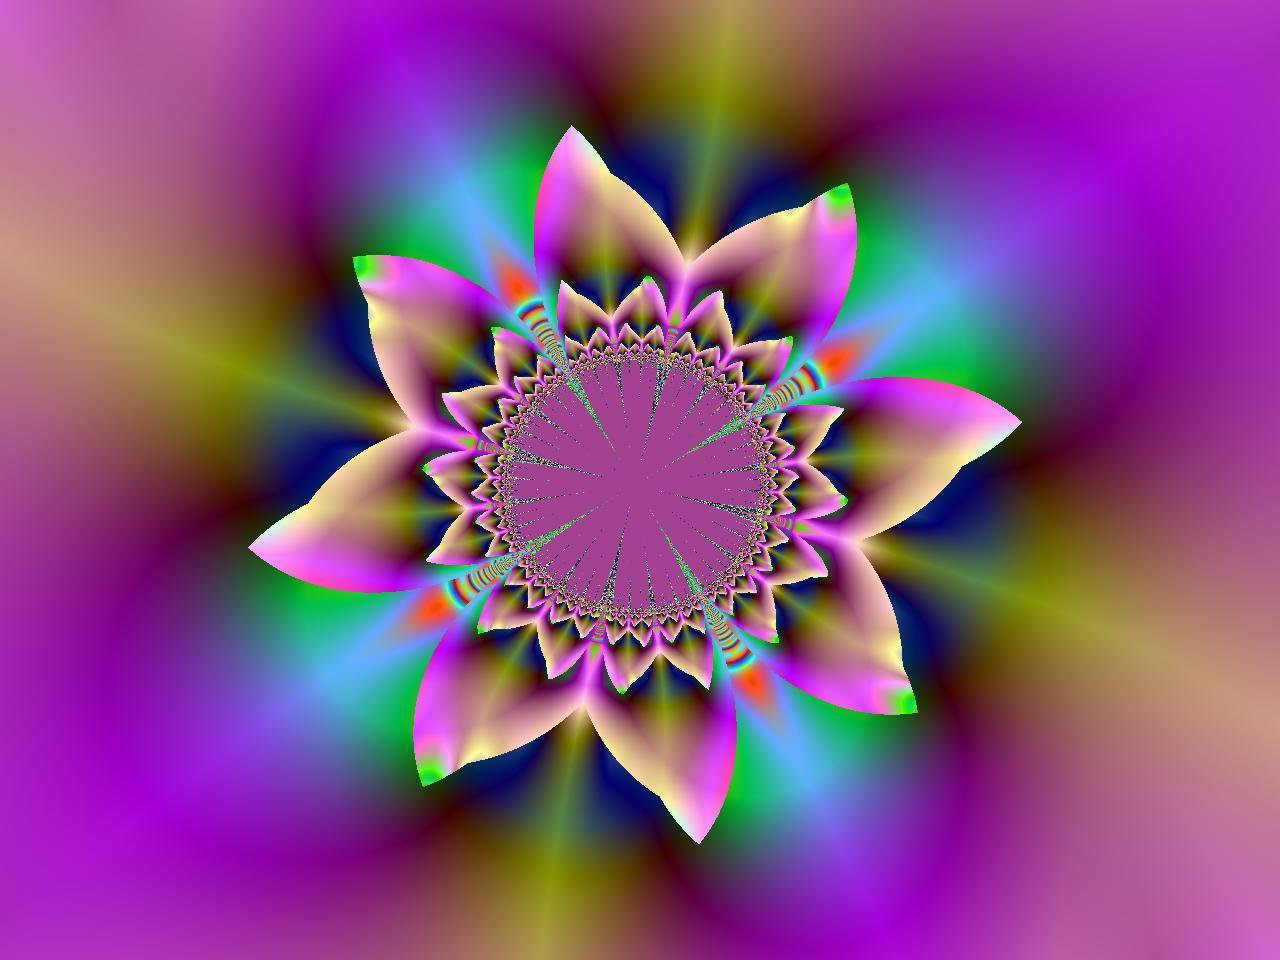 Free Colorful Flower Wallpaper Downloads: Widescreen Desktop Wallpaper Abstract Flower